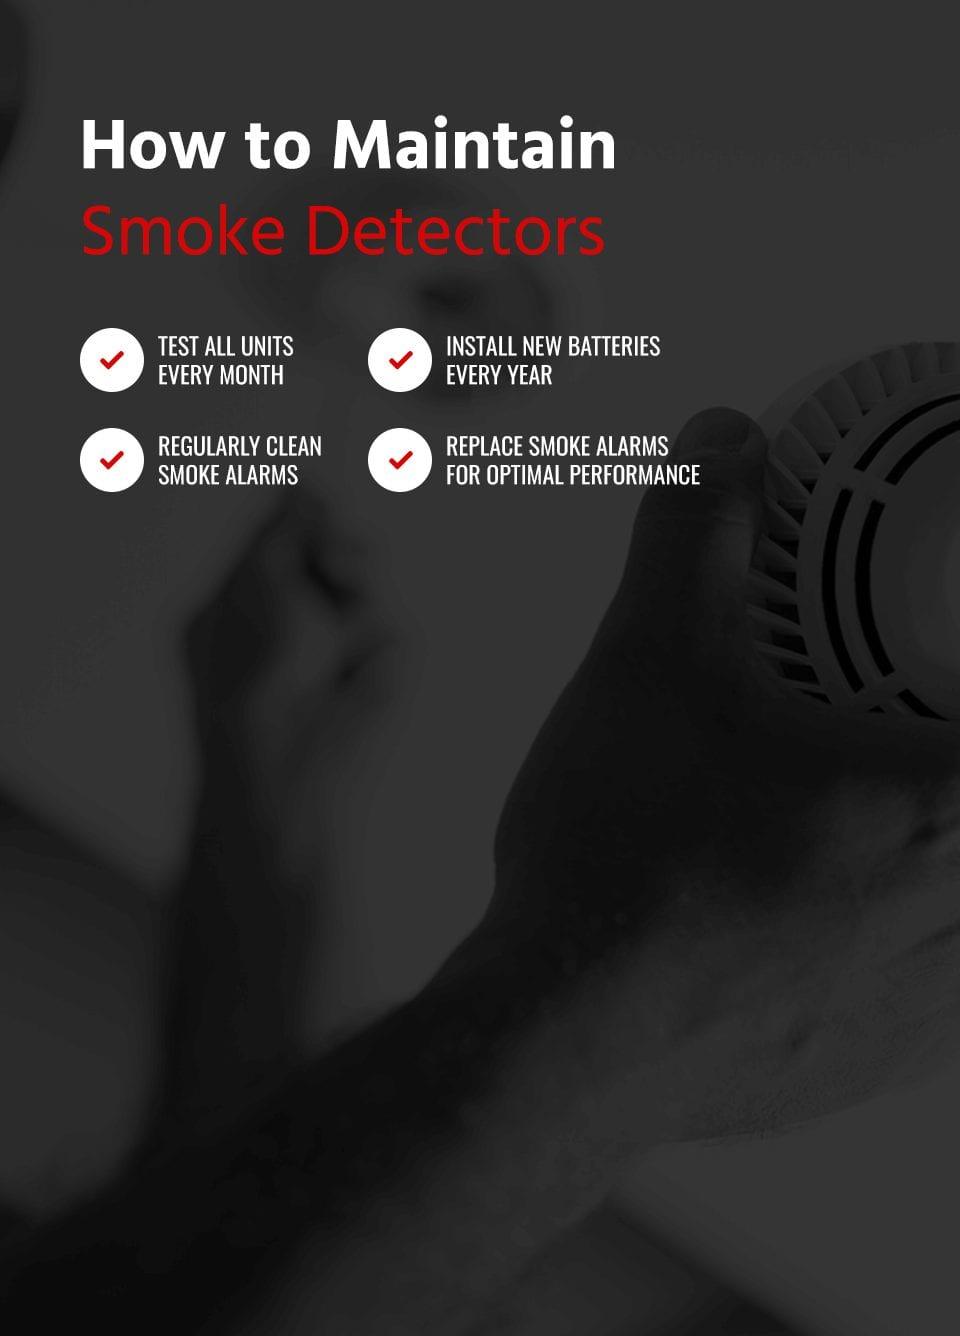 how to maintain smoke detectors